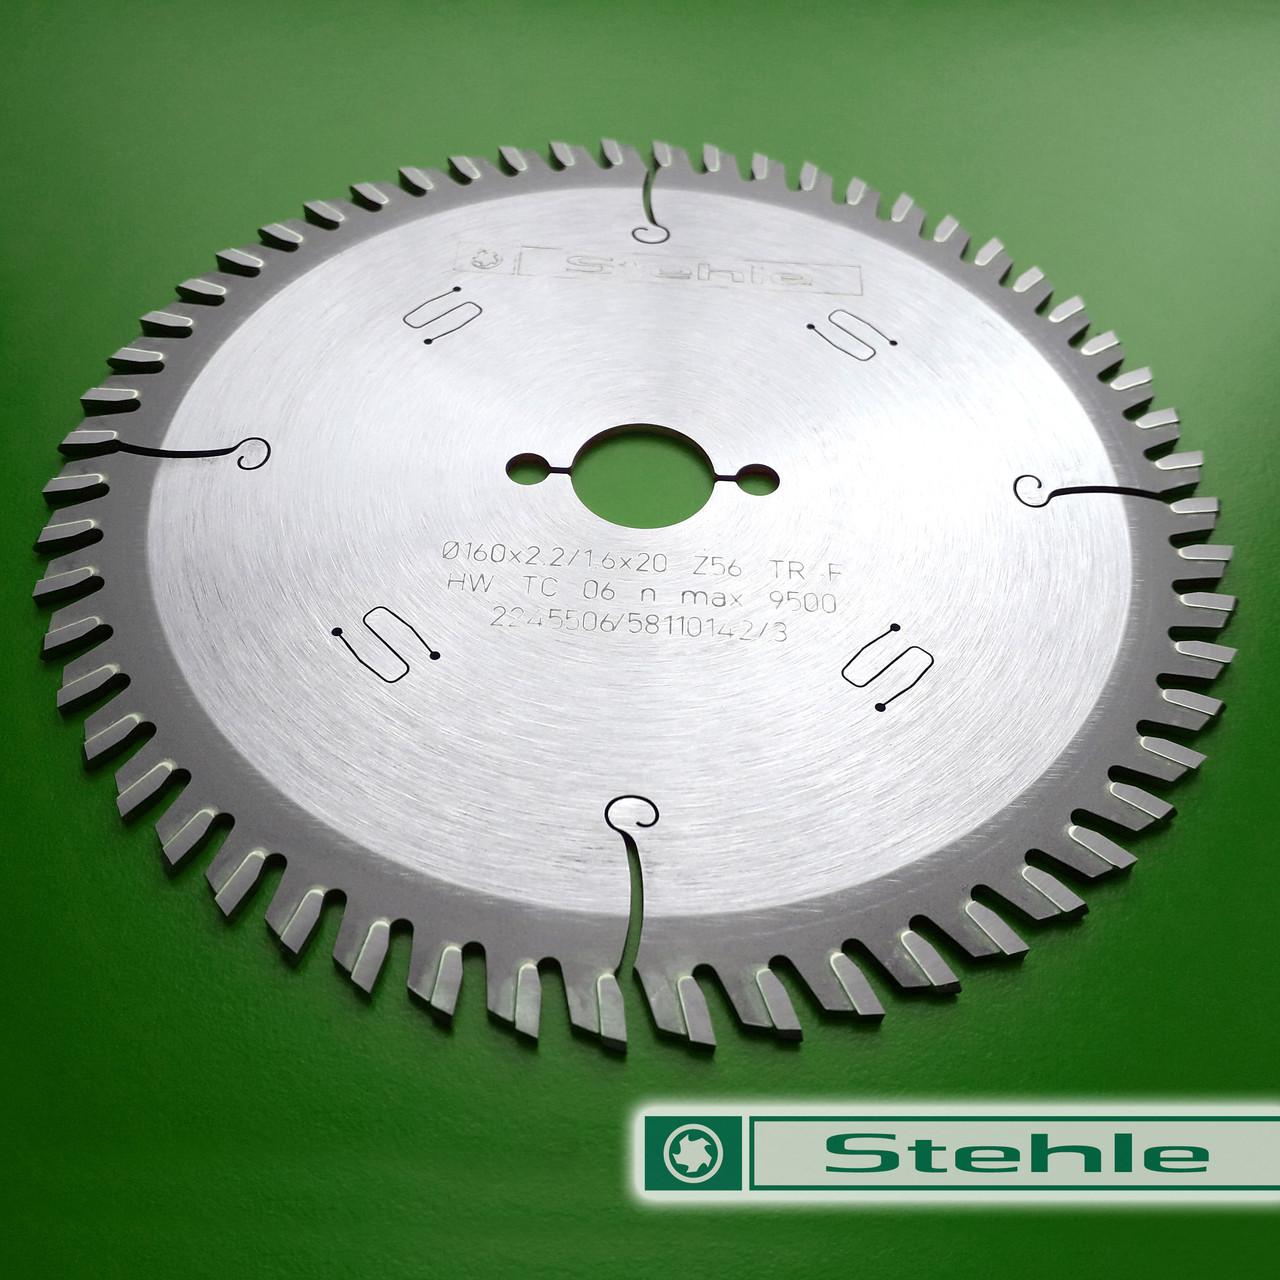 160х2,2х1,6х20 z=56 Дисковая пила Stehle для покрытых пластиком древесно-стружечных материалов